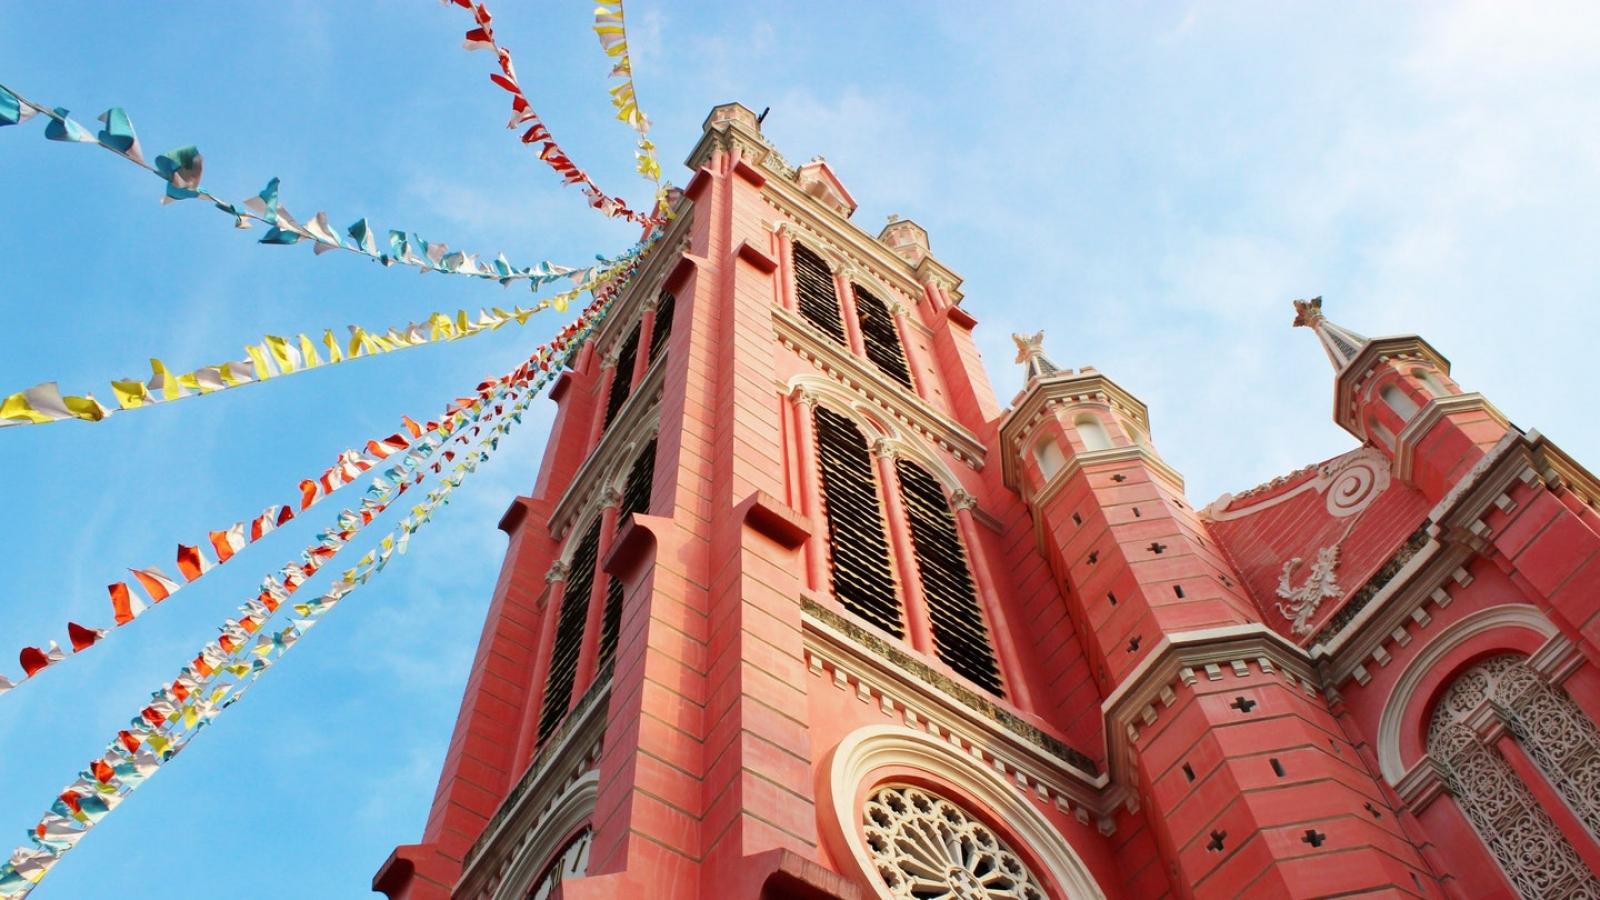 Nhà thờ Tân Định lọt Top 10 điểm đến màu hồng đẹp nhất thế giới